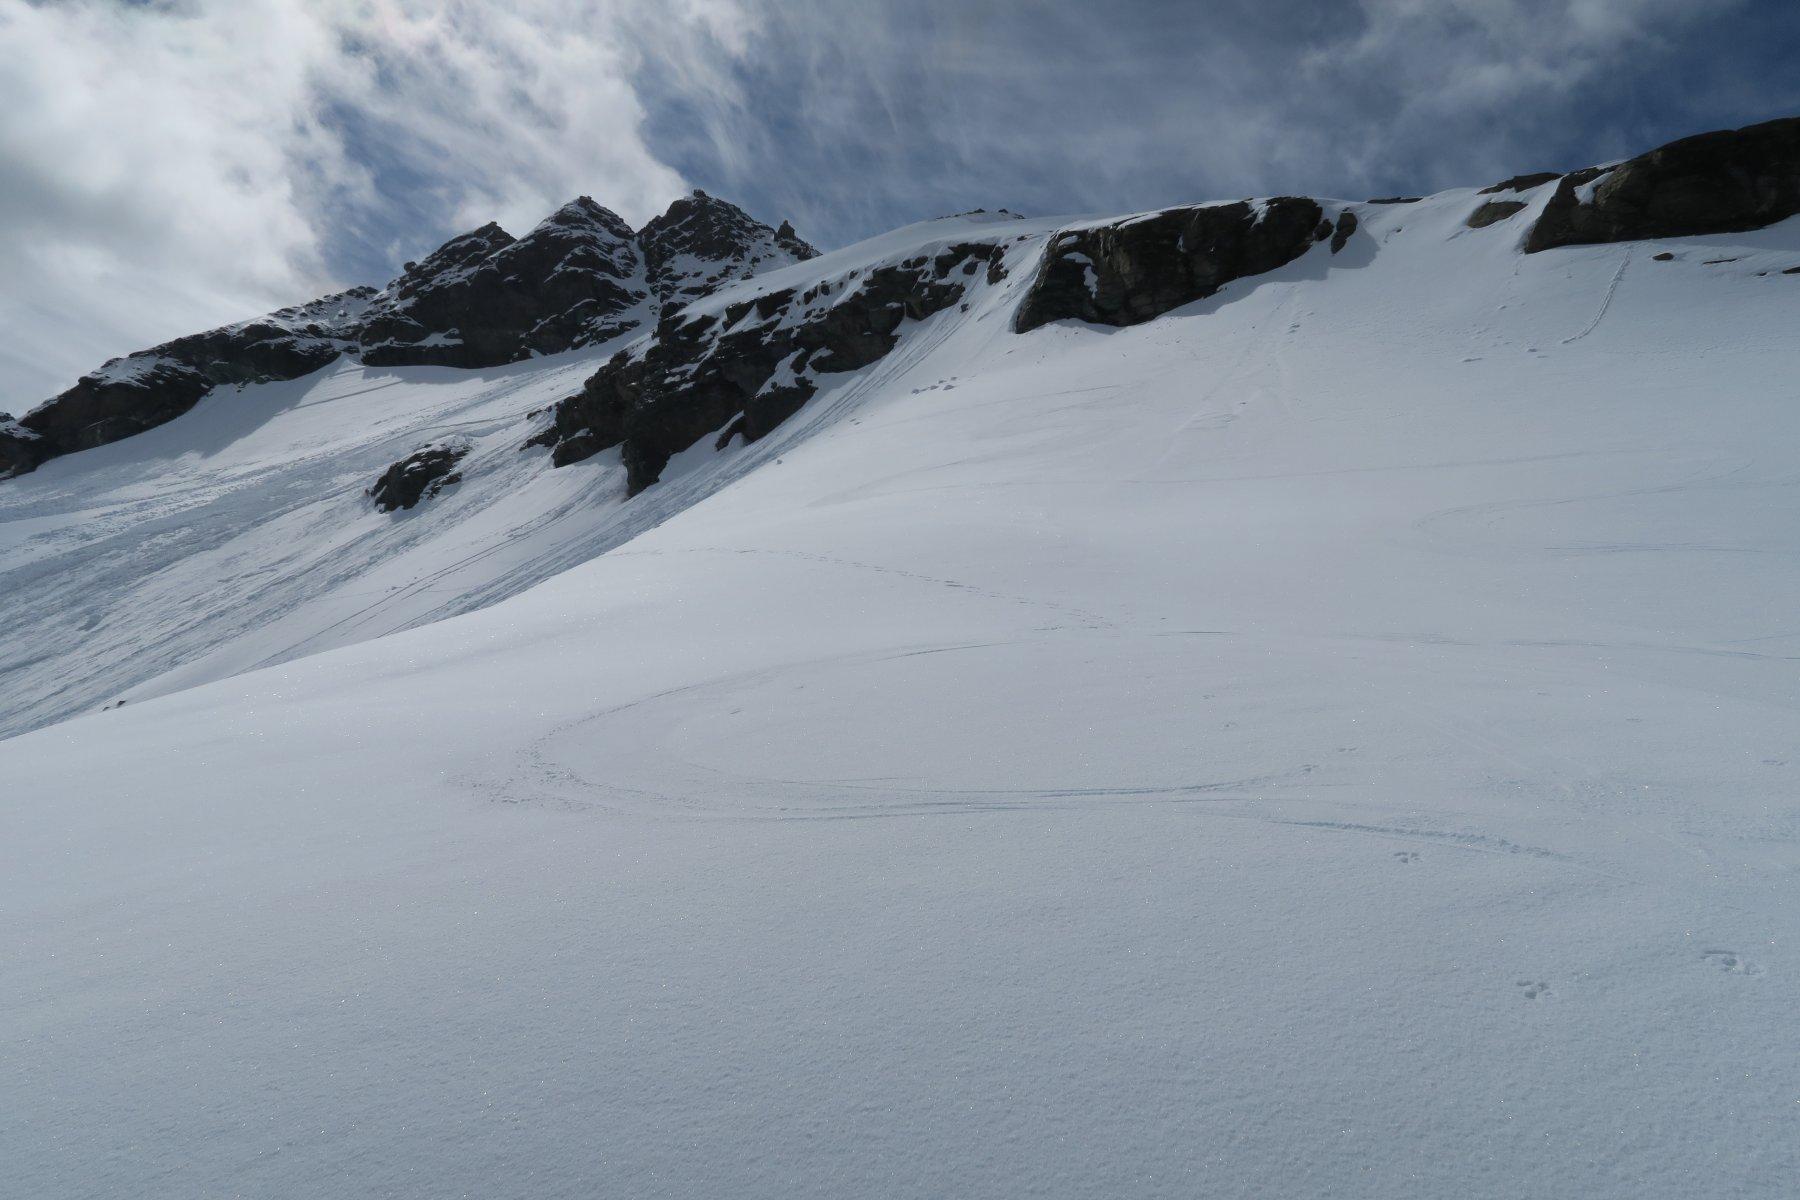 condizione neve parte superiore dove non era slavinato